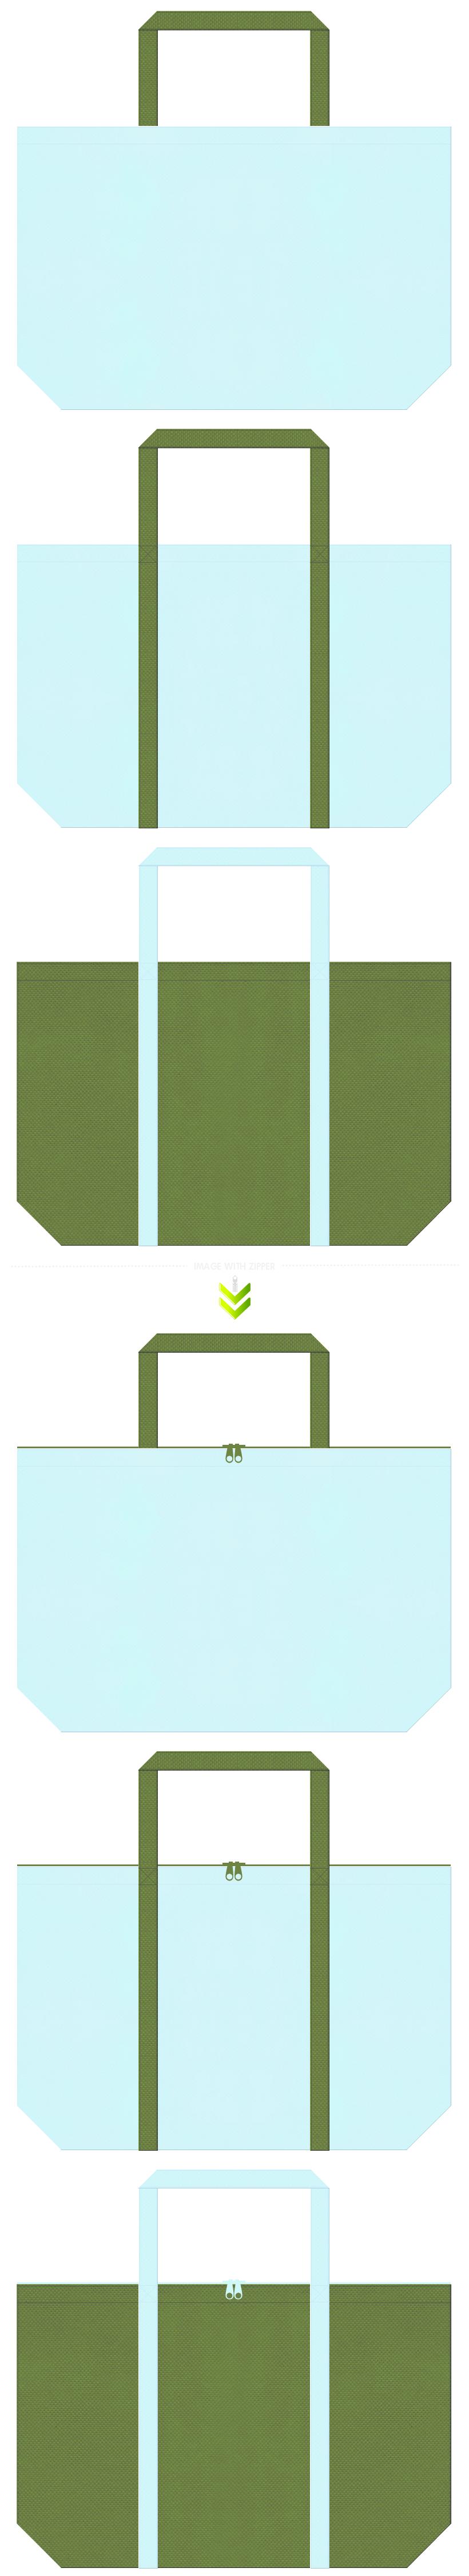 水色と草色の不織布バッグデザイン。ビオトープ、エクステリアの展示会用バッグにお奨めです。